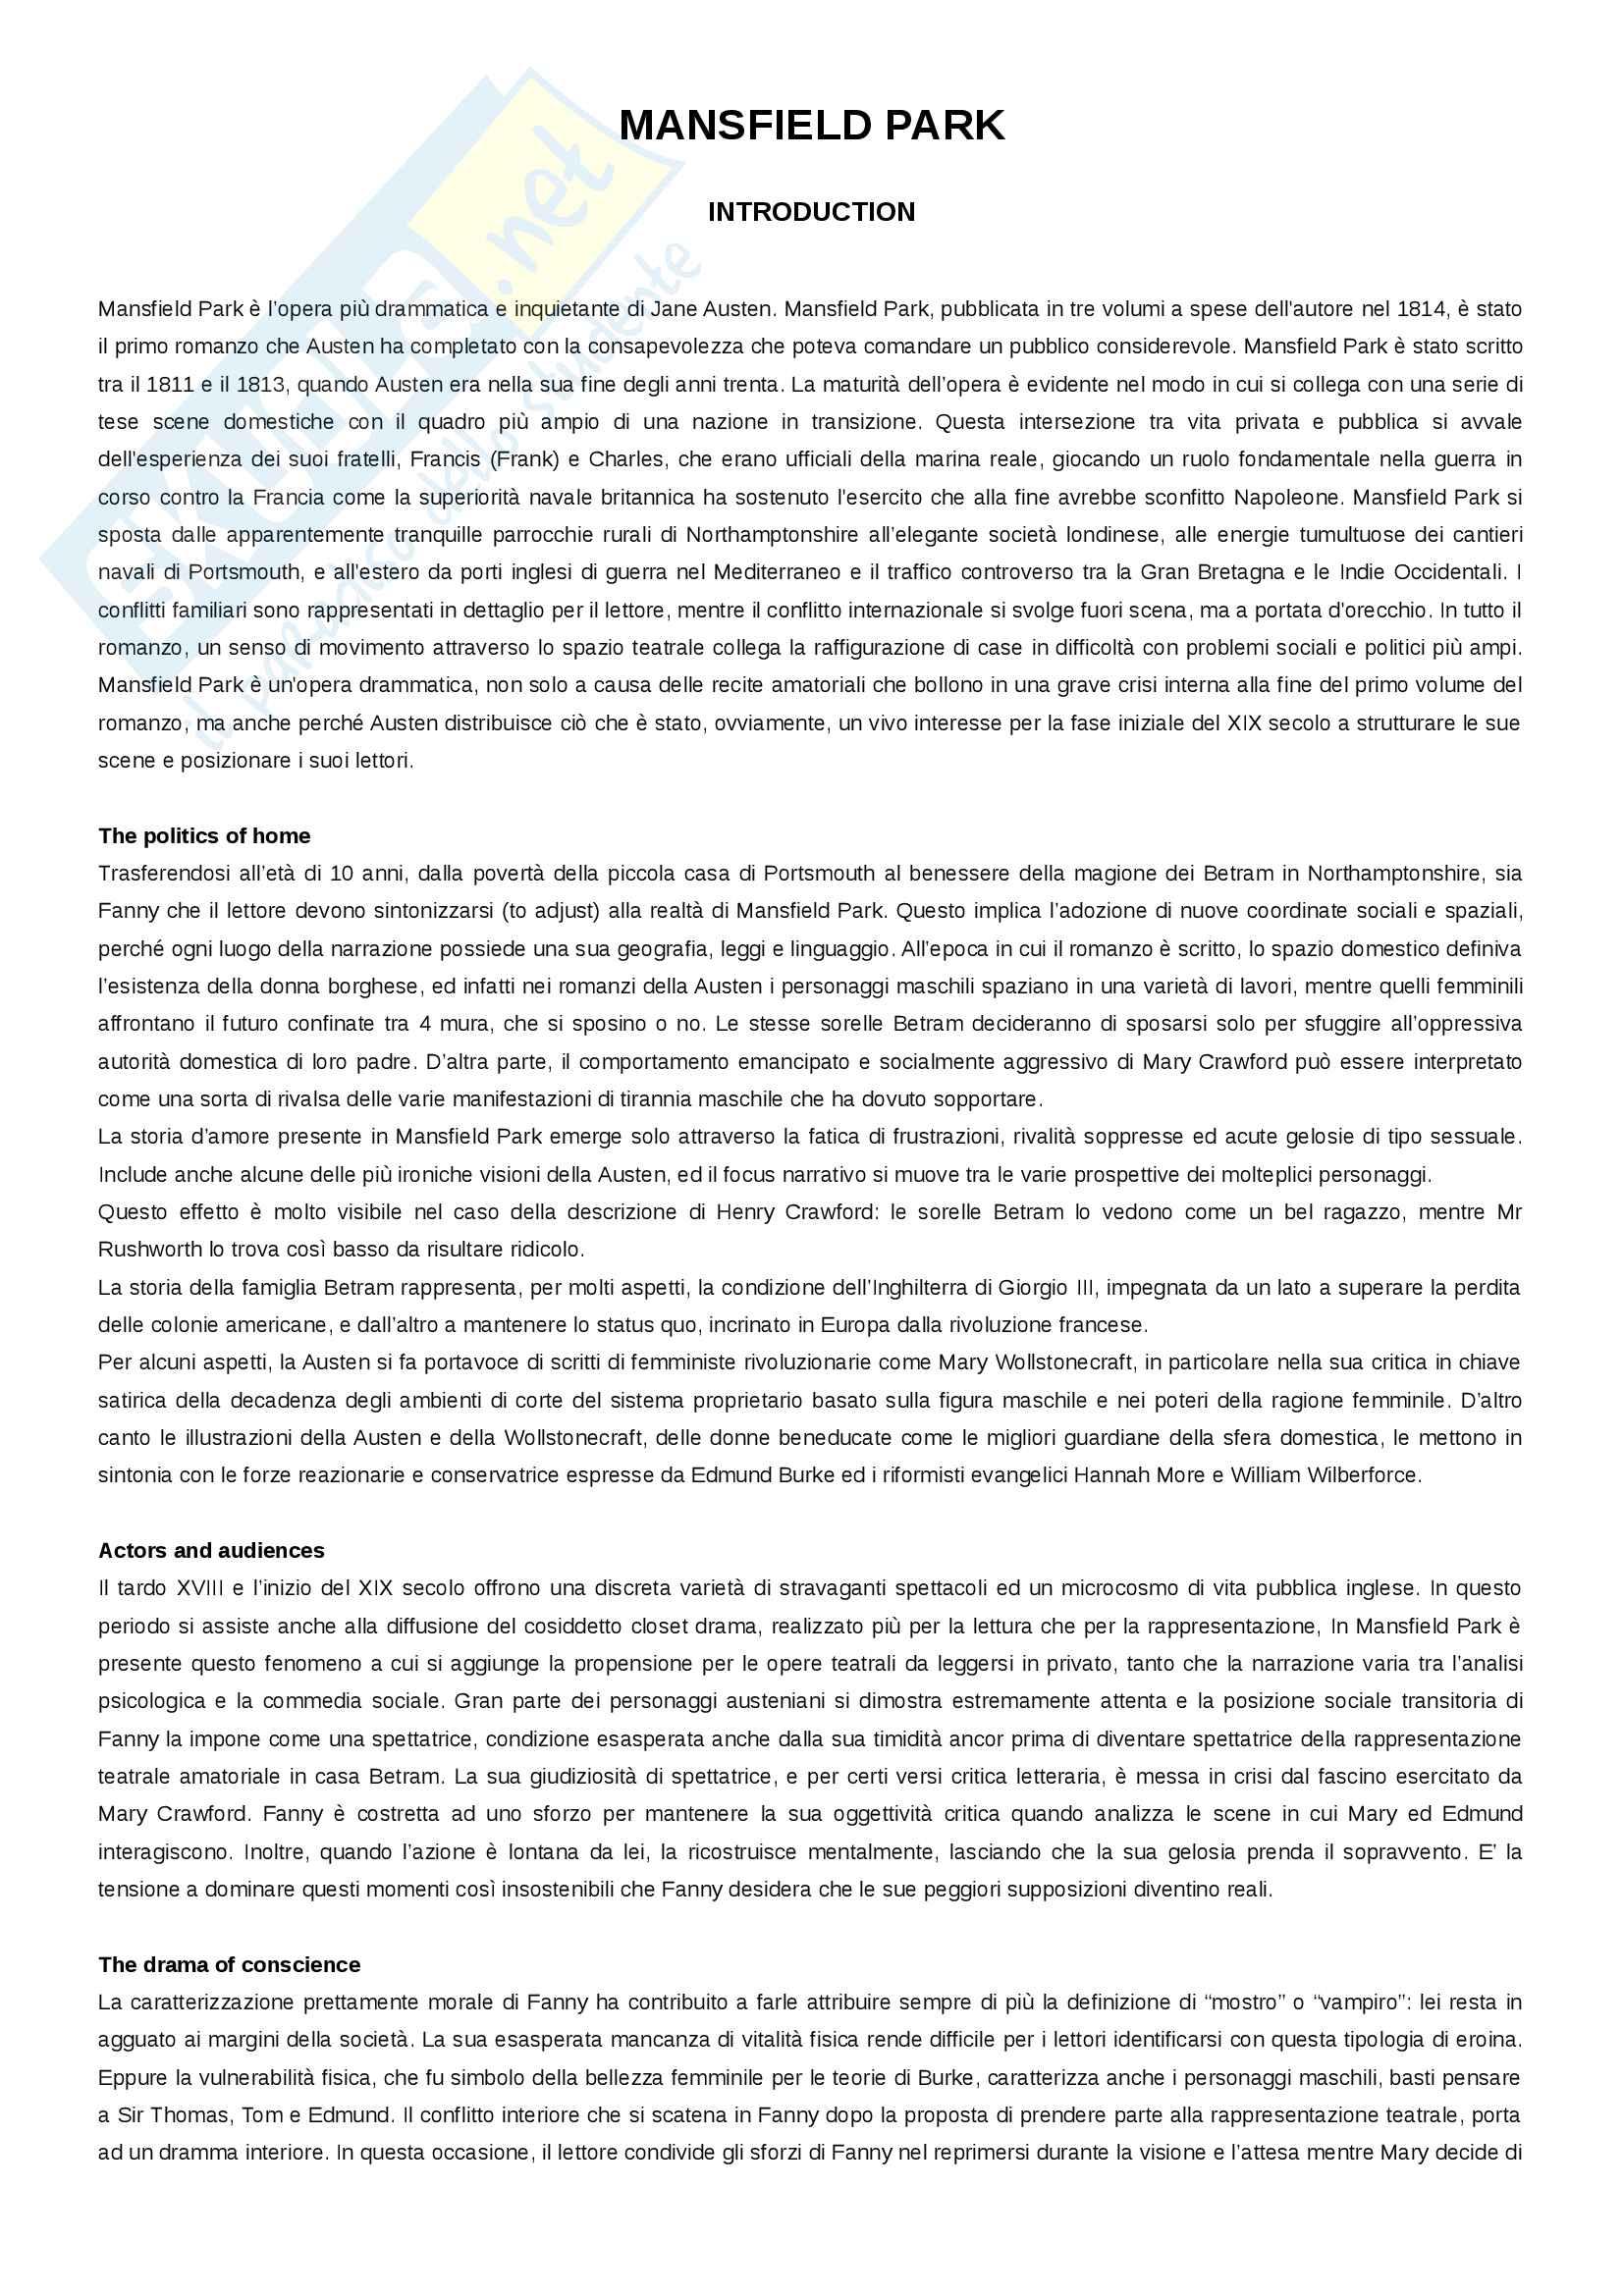 Riassunto in italiano - Mansfield Park capitolo per capitolo + appendici A e B